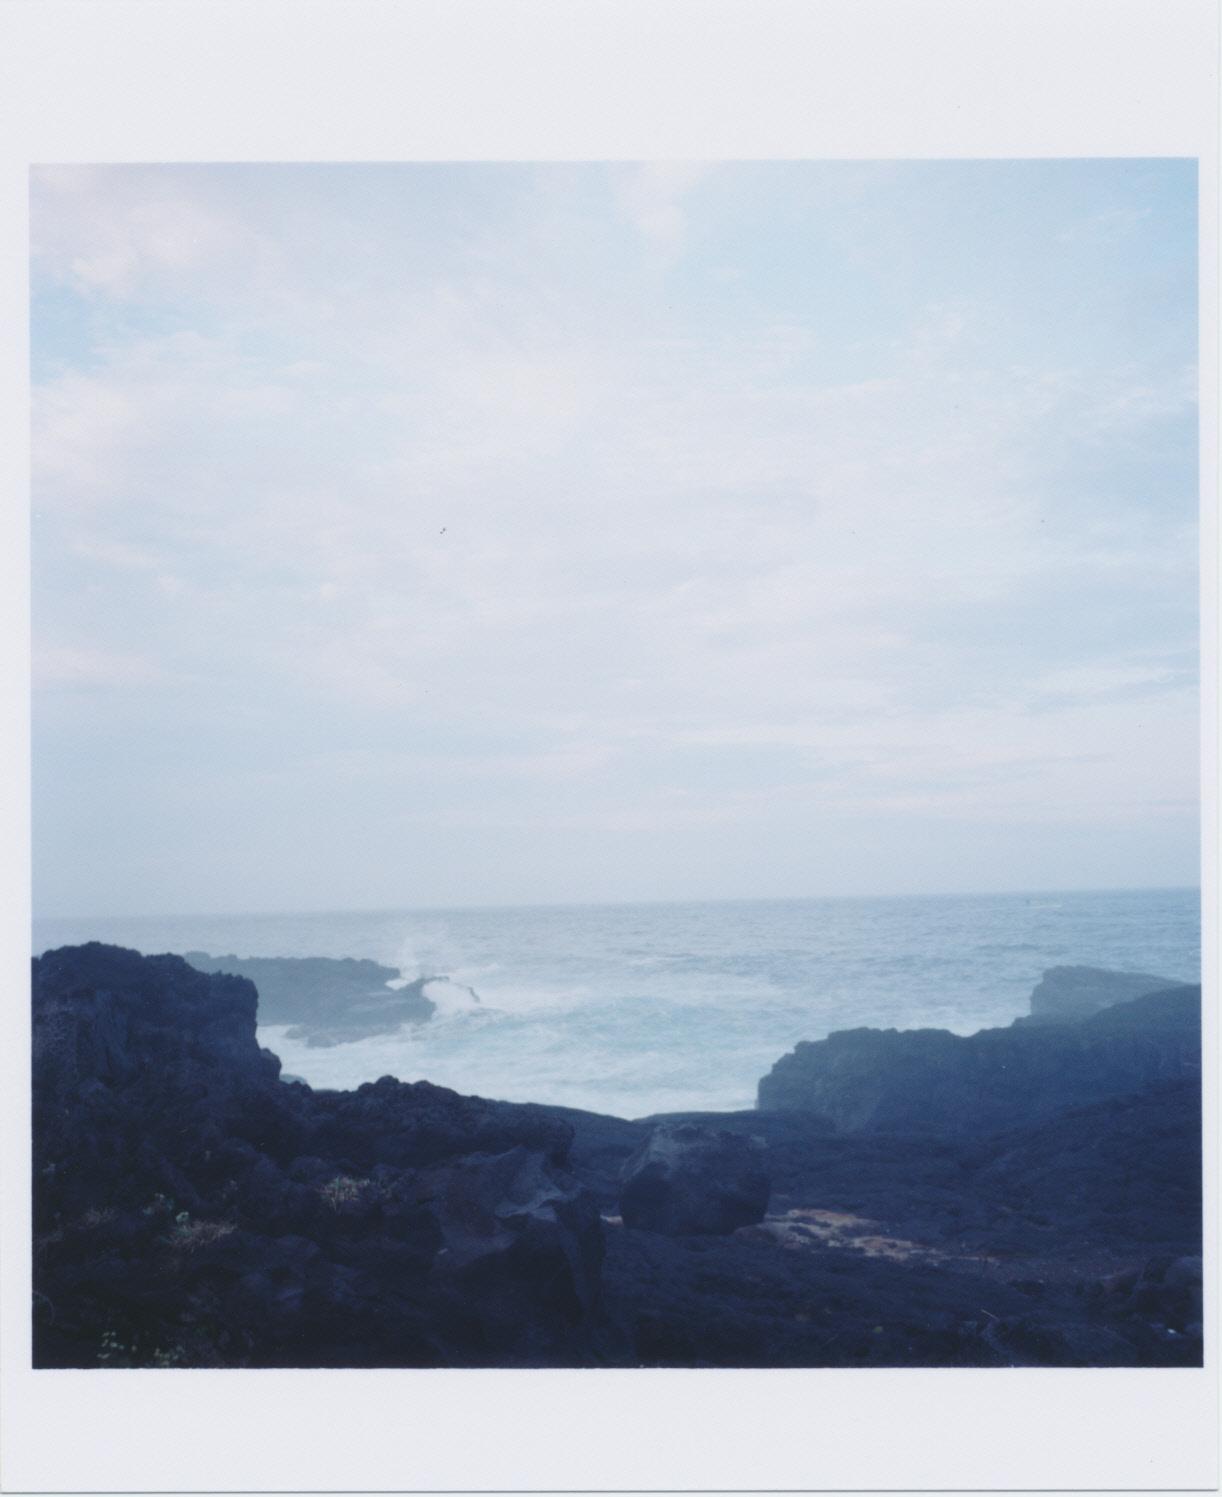 梅雨の八丈島01